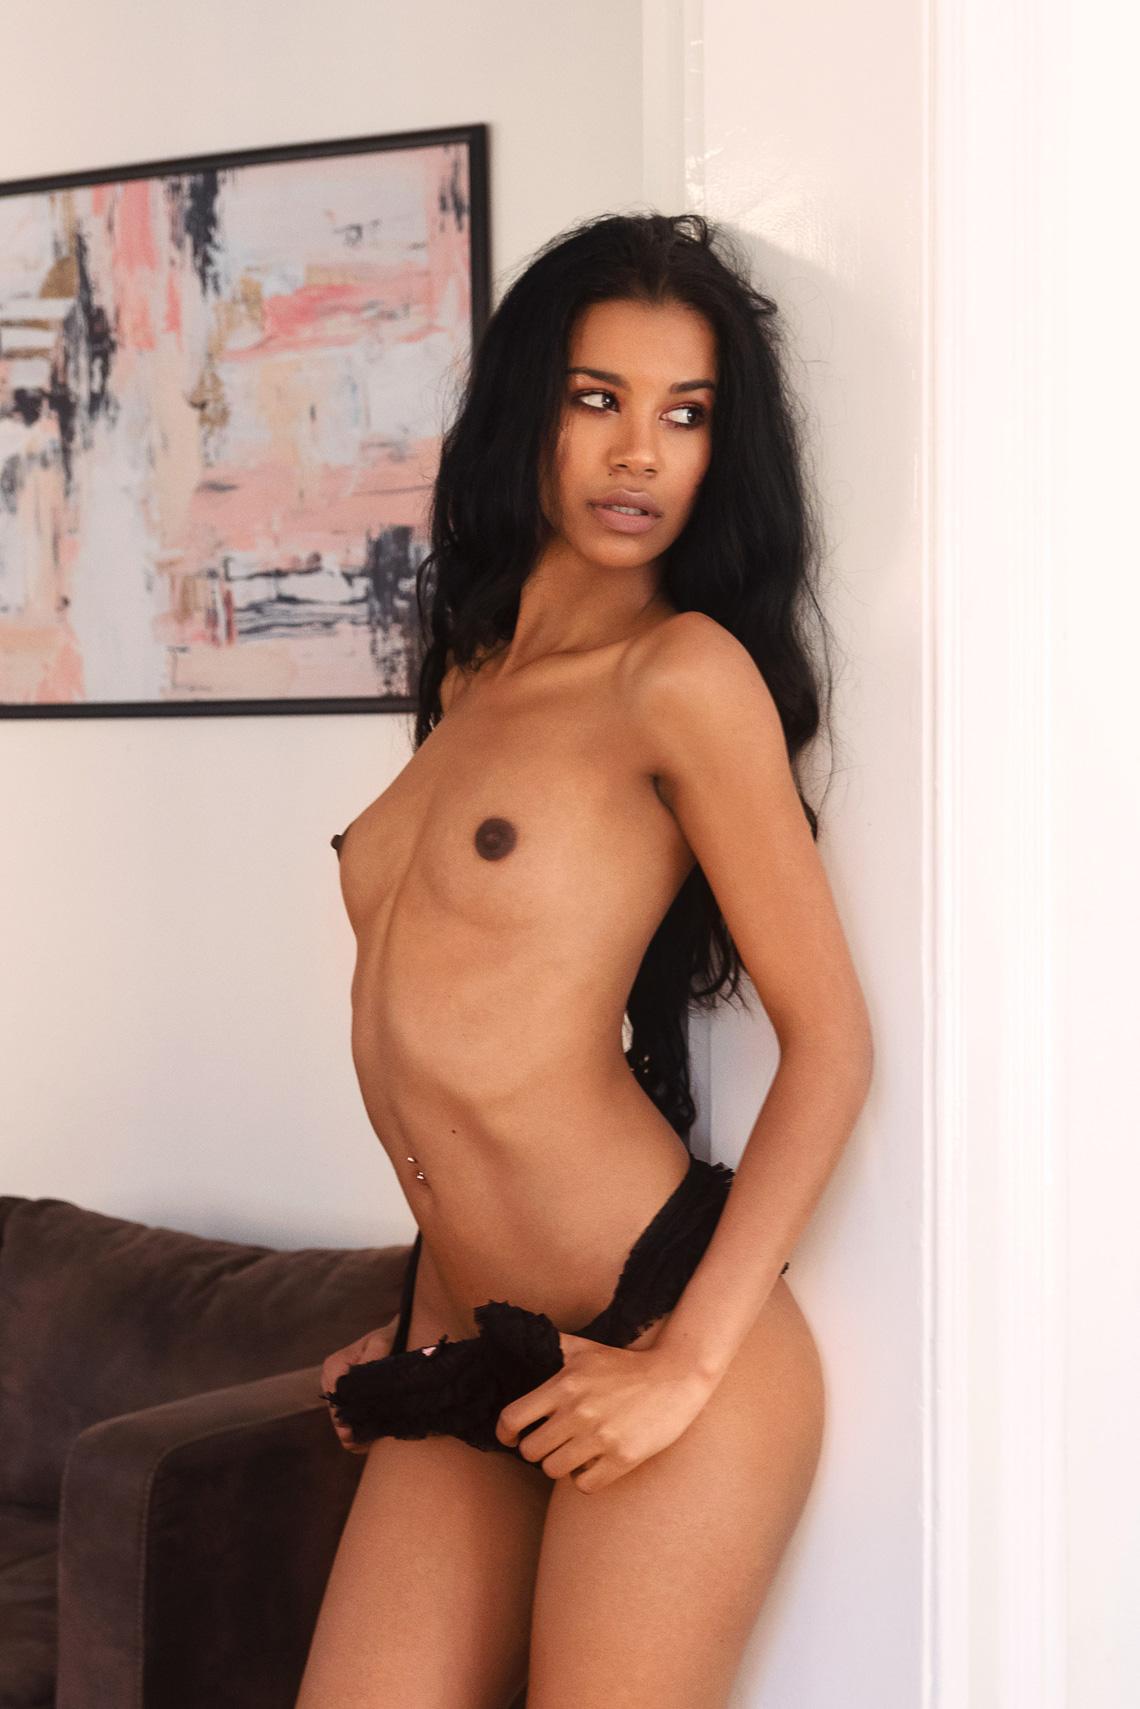 Rosa Nelly - Faberakis photoshoot